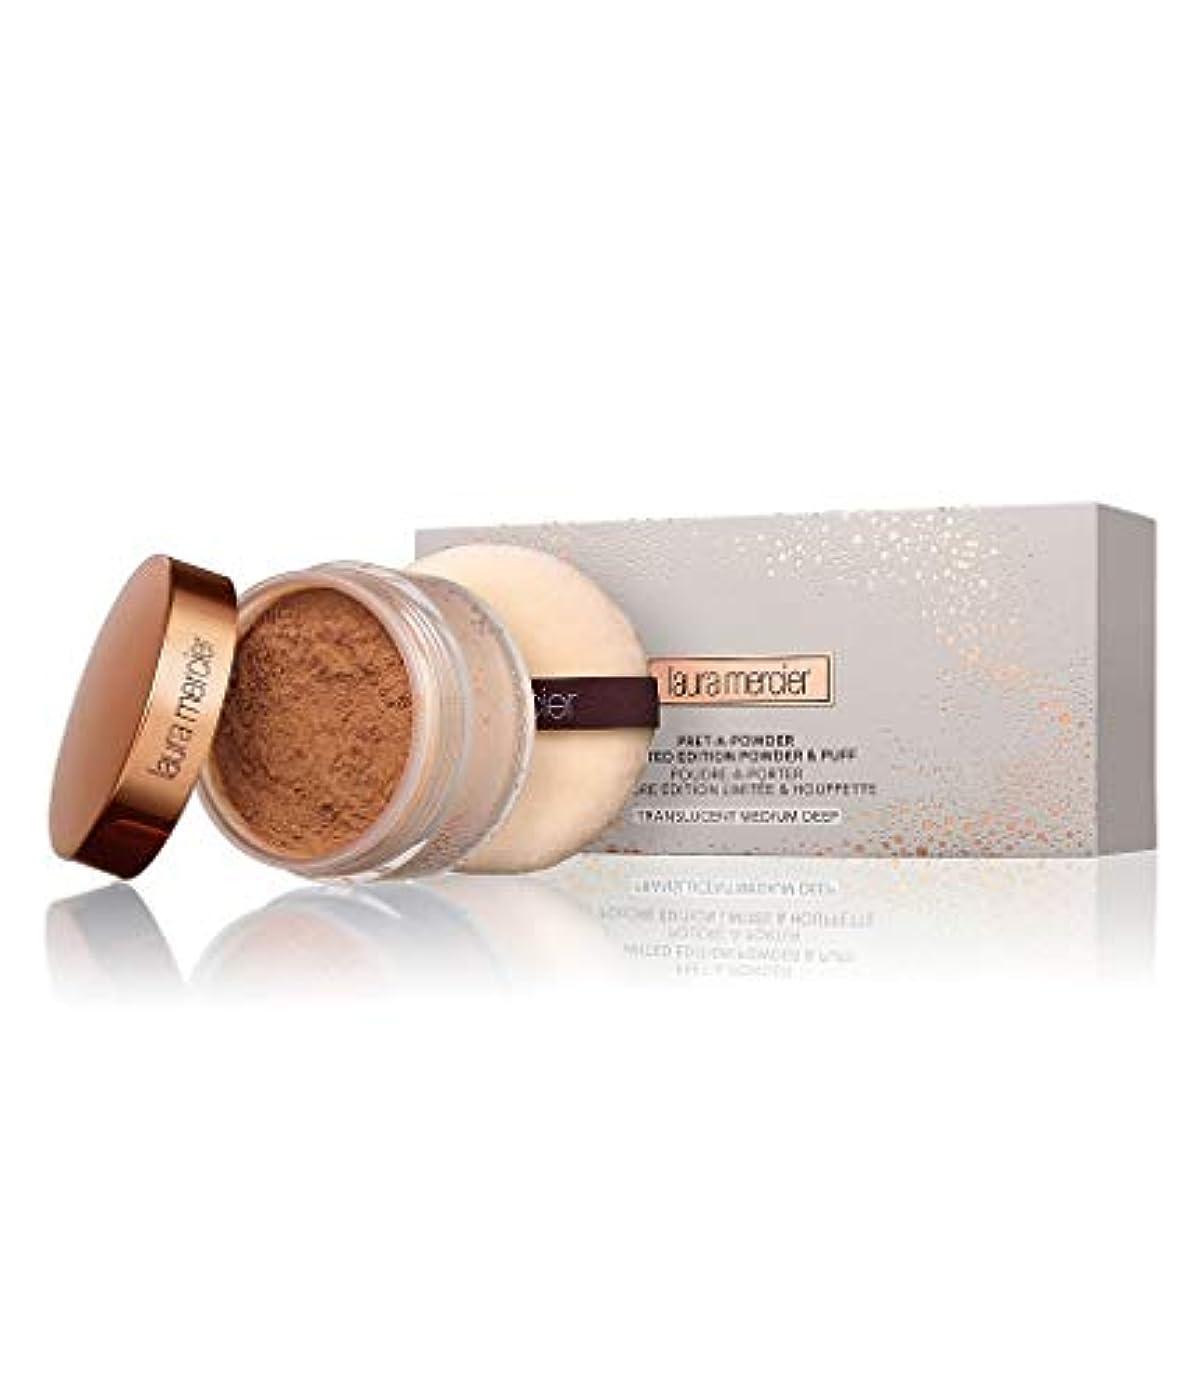 スロット劇作家委託ローラ メルシエ Pret A Powder Limited Edition Powder & Puff - # Translucent Medium Deep 29g/1oz並行輸入品